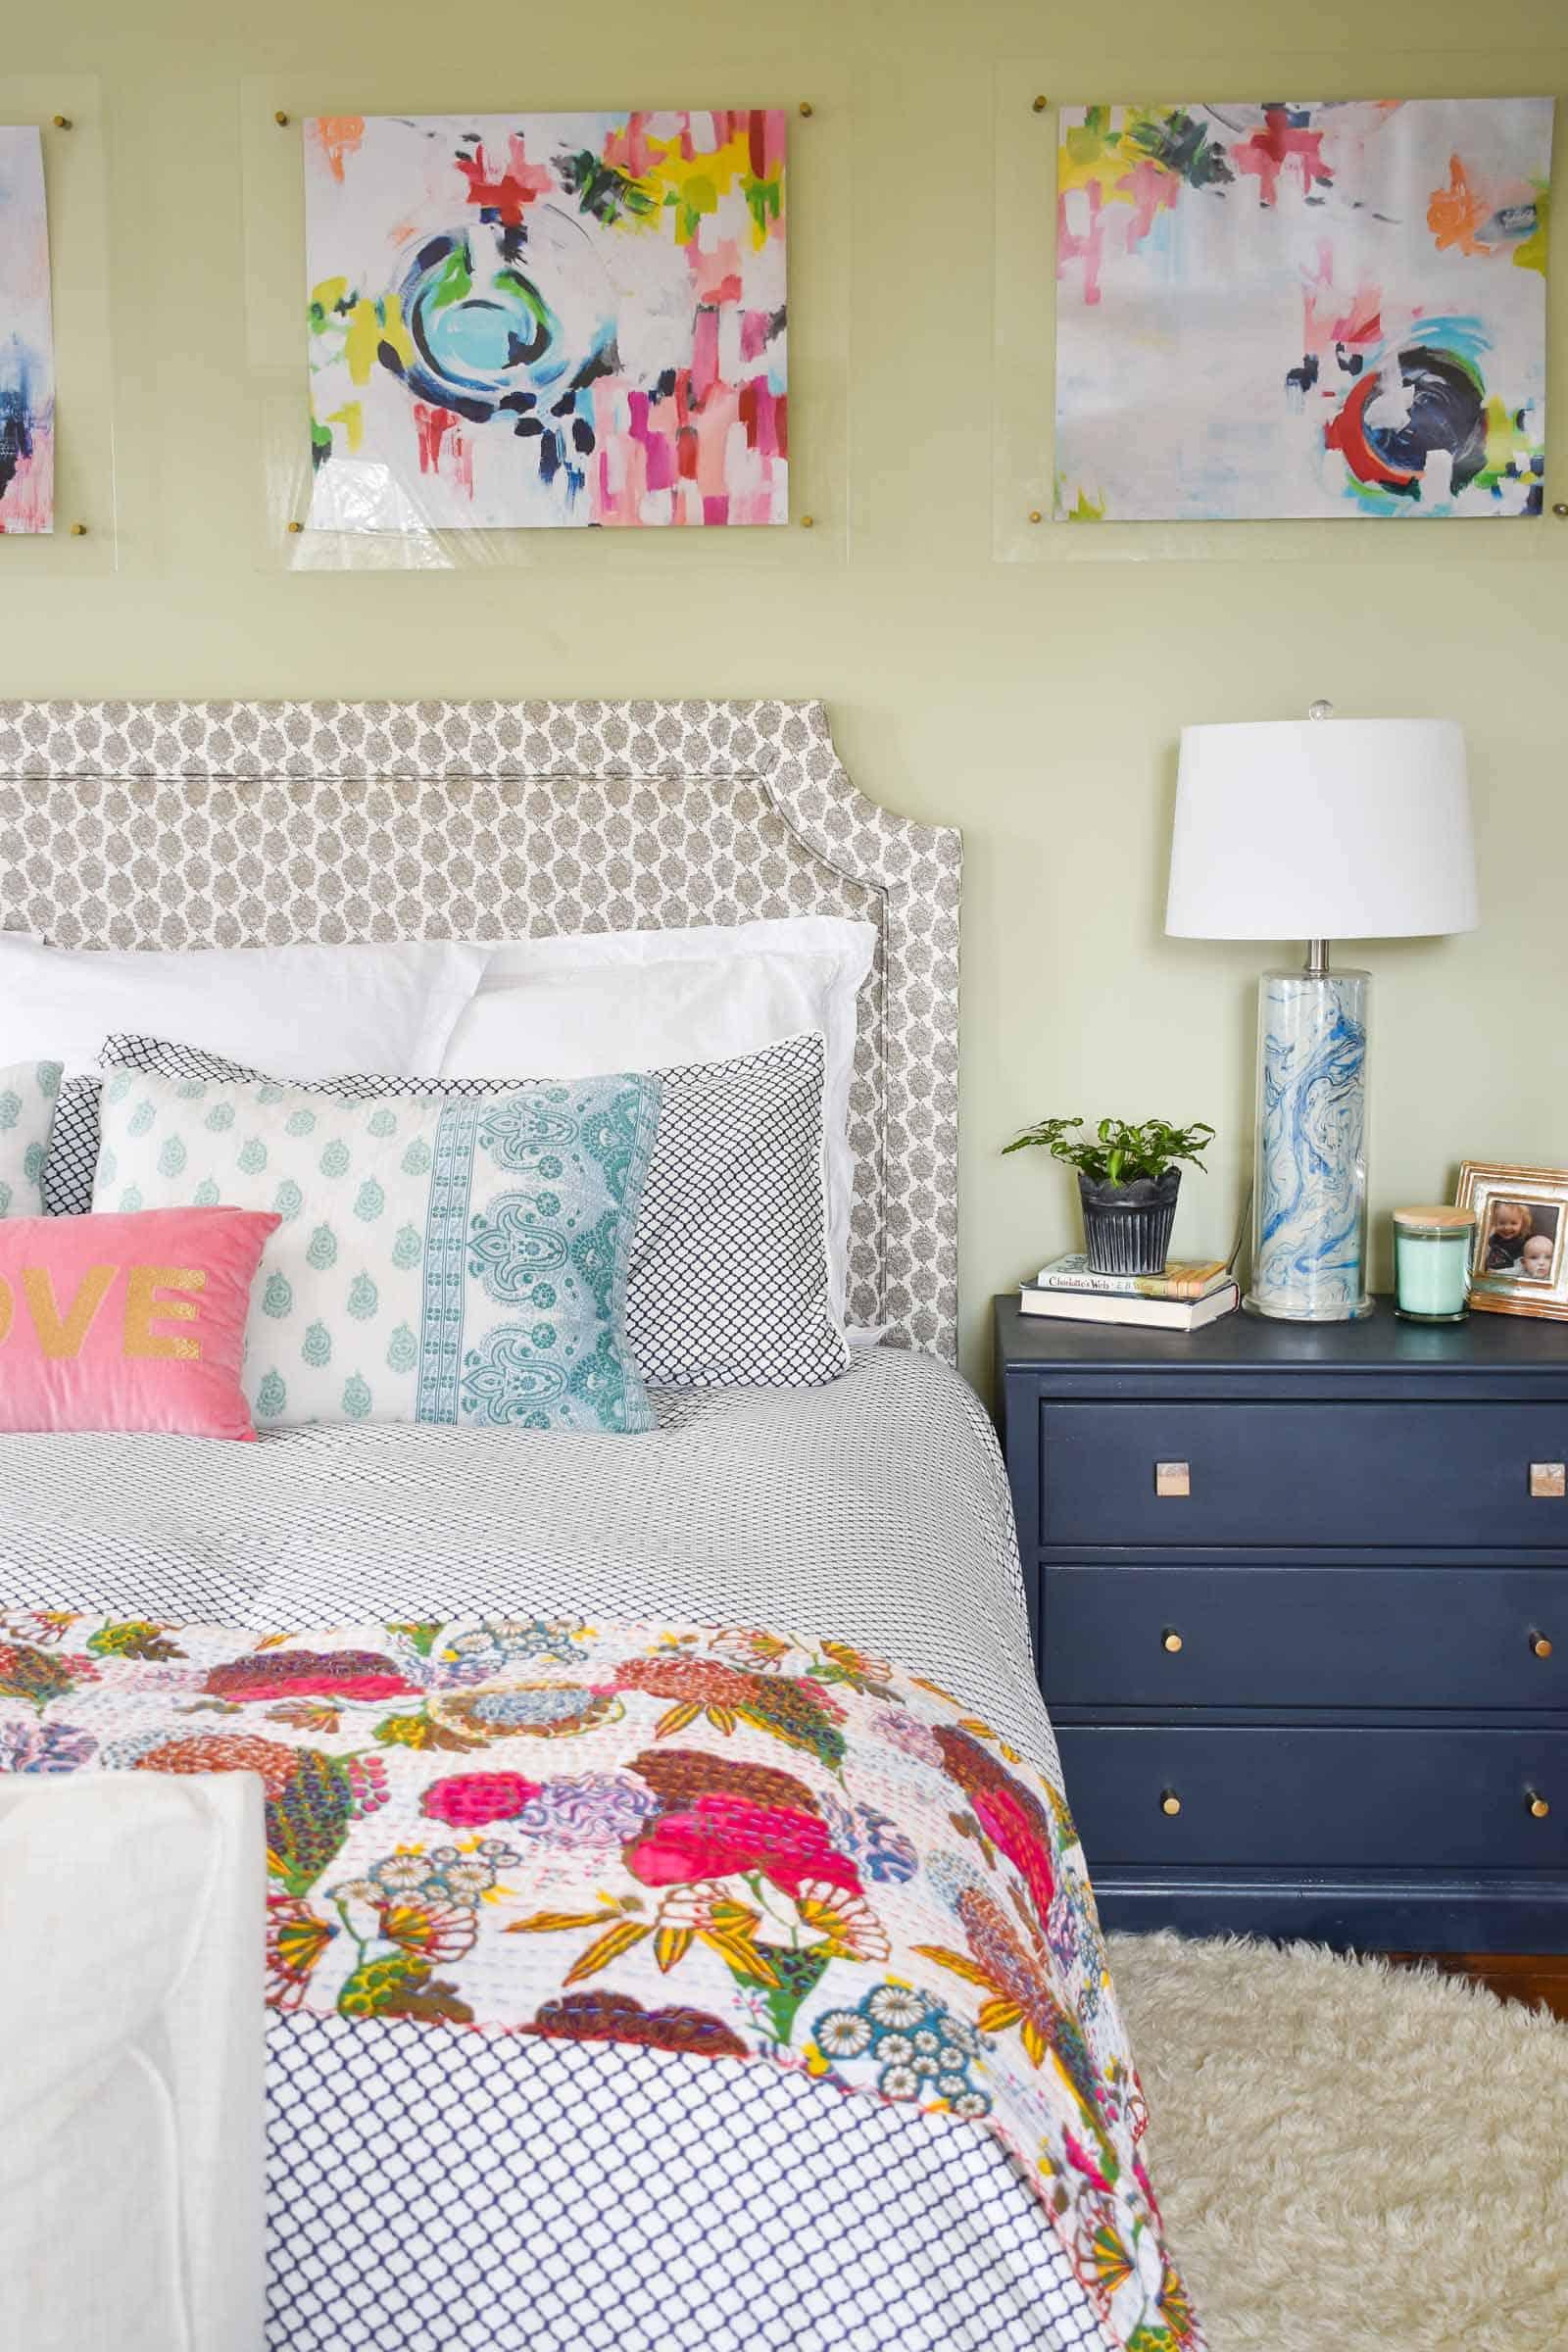 spring details in master bedroom refresh